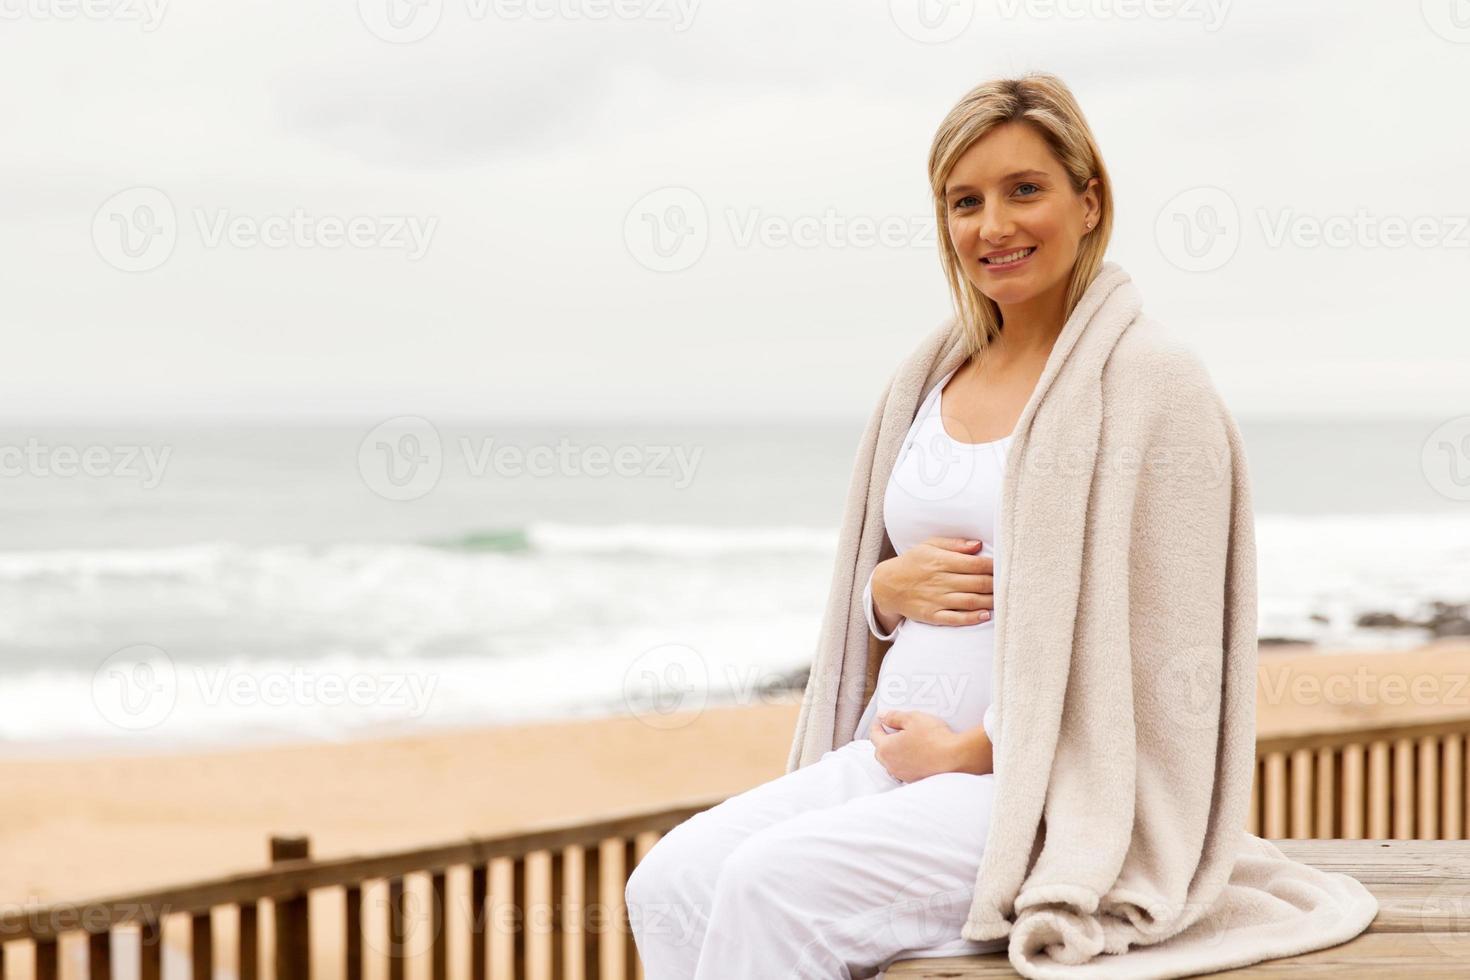 femme enceinte, enveloppé dans couverture photo